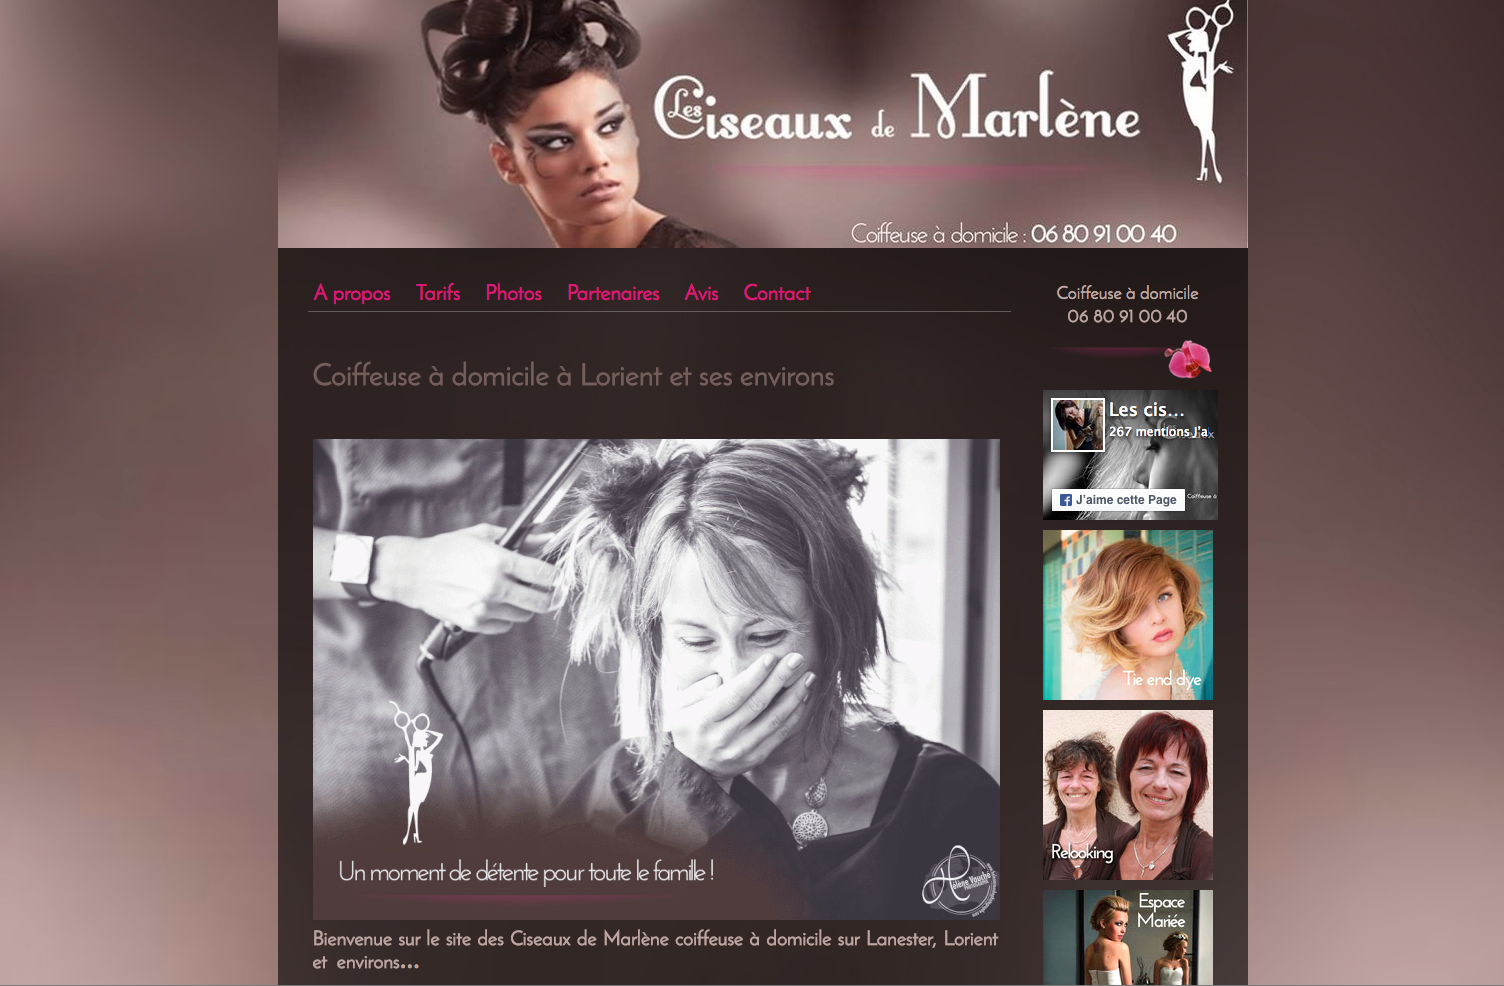 http://www.lesciseauxdemarlene.fr